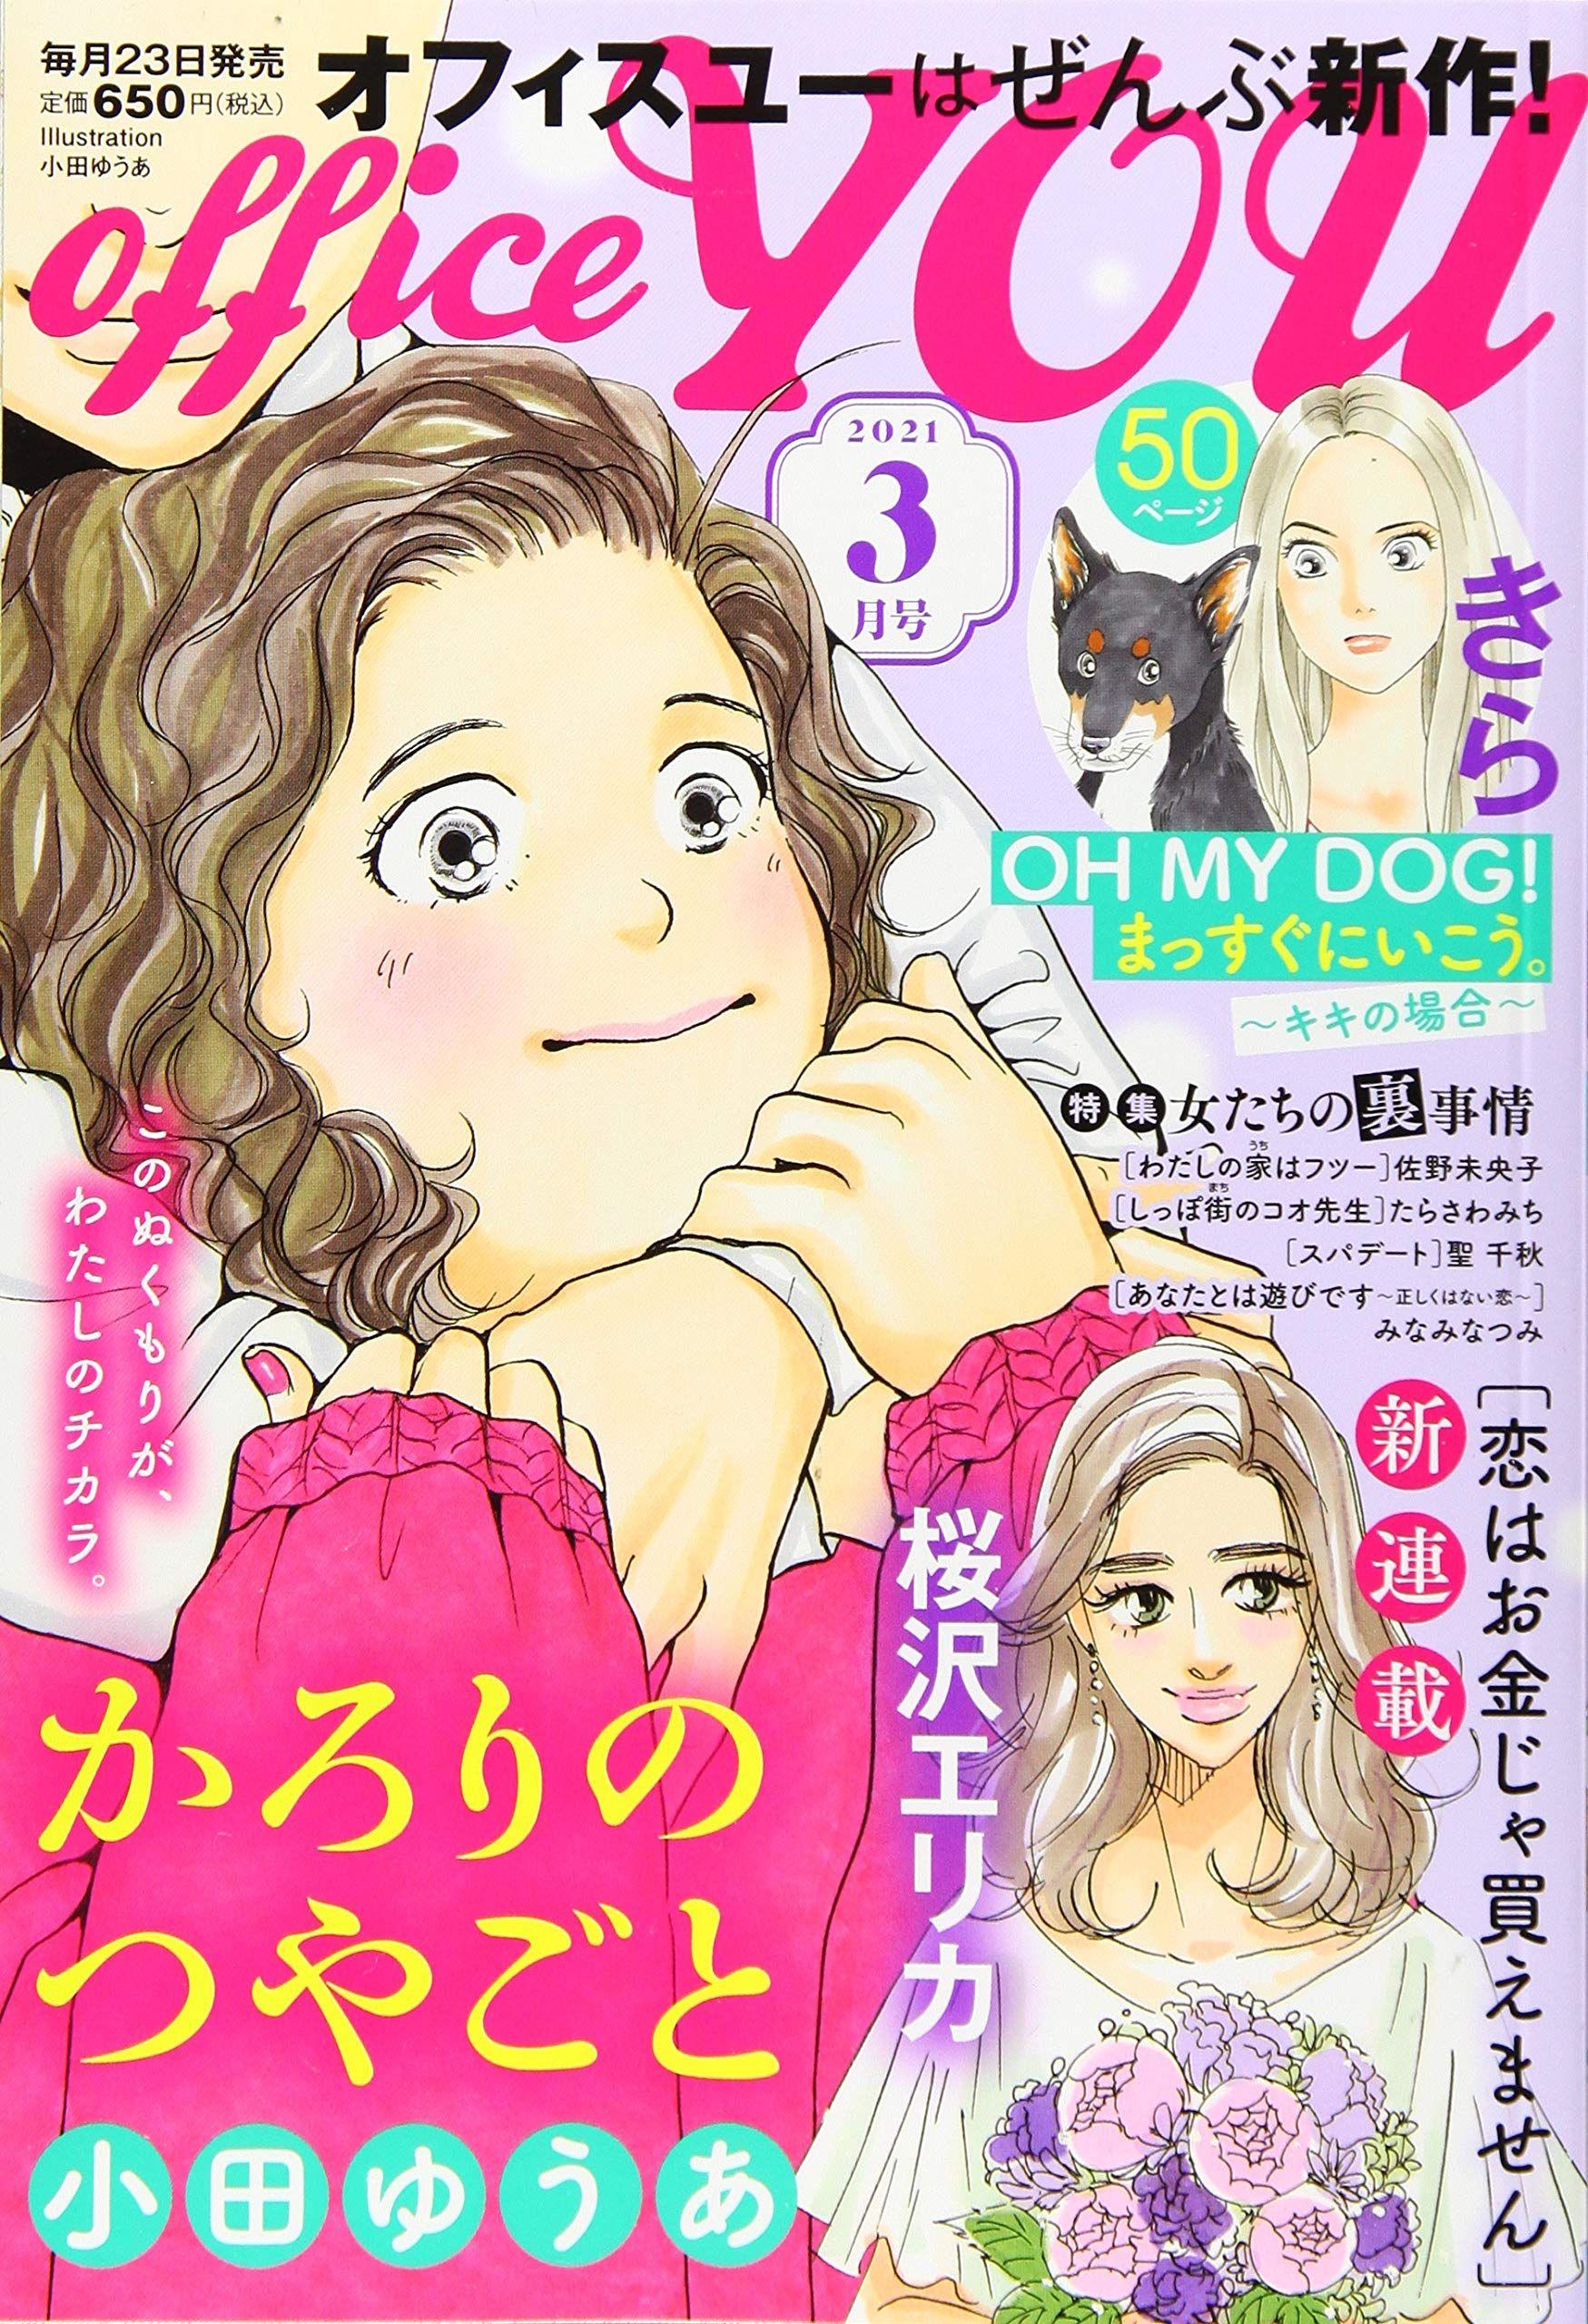 Officeyou-Erica-Sakurasawa-mag.jpg